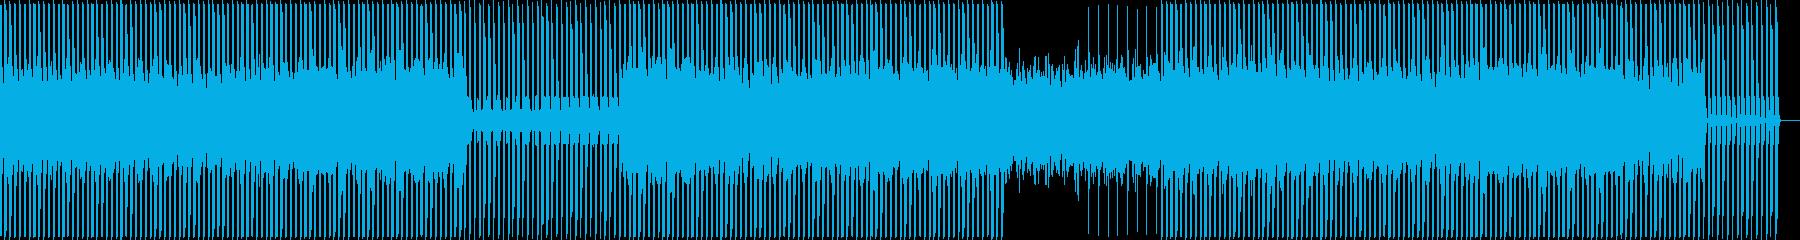 シンプルでシャープなミニマルテクノの再生済みの波形